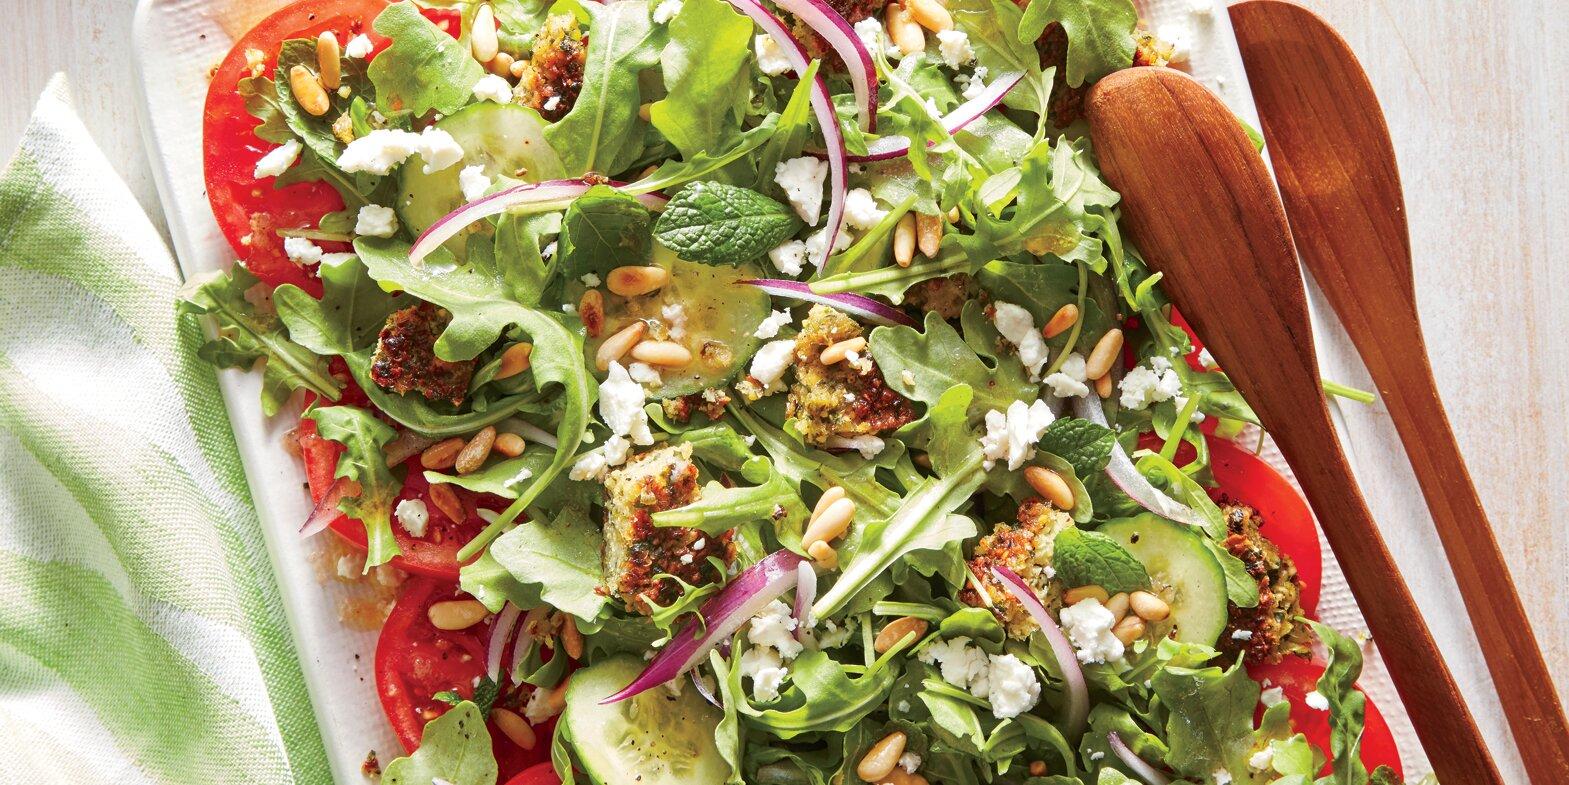 Falafel, Feta, and Tomato Salad Recipe